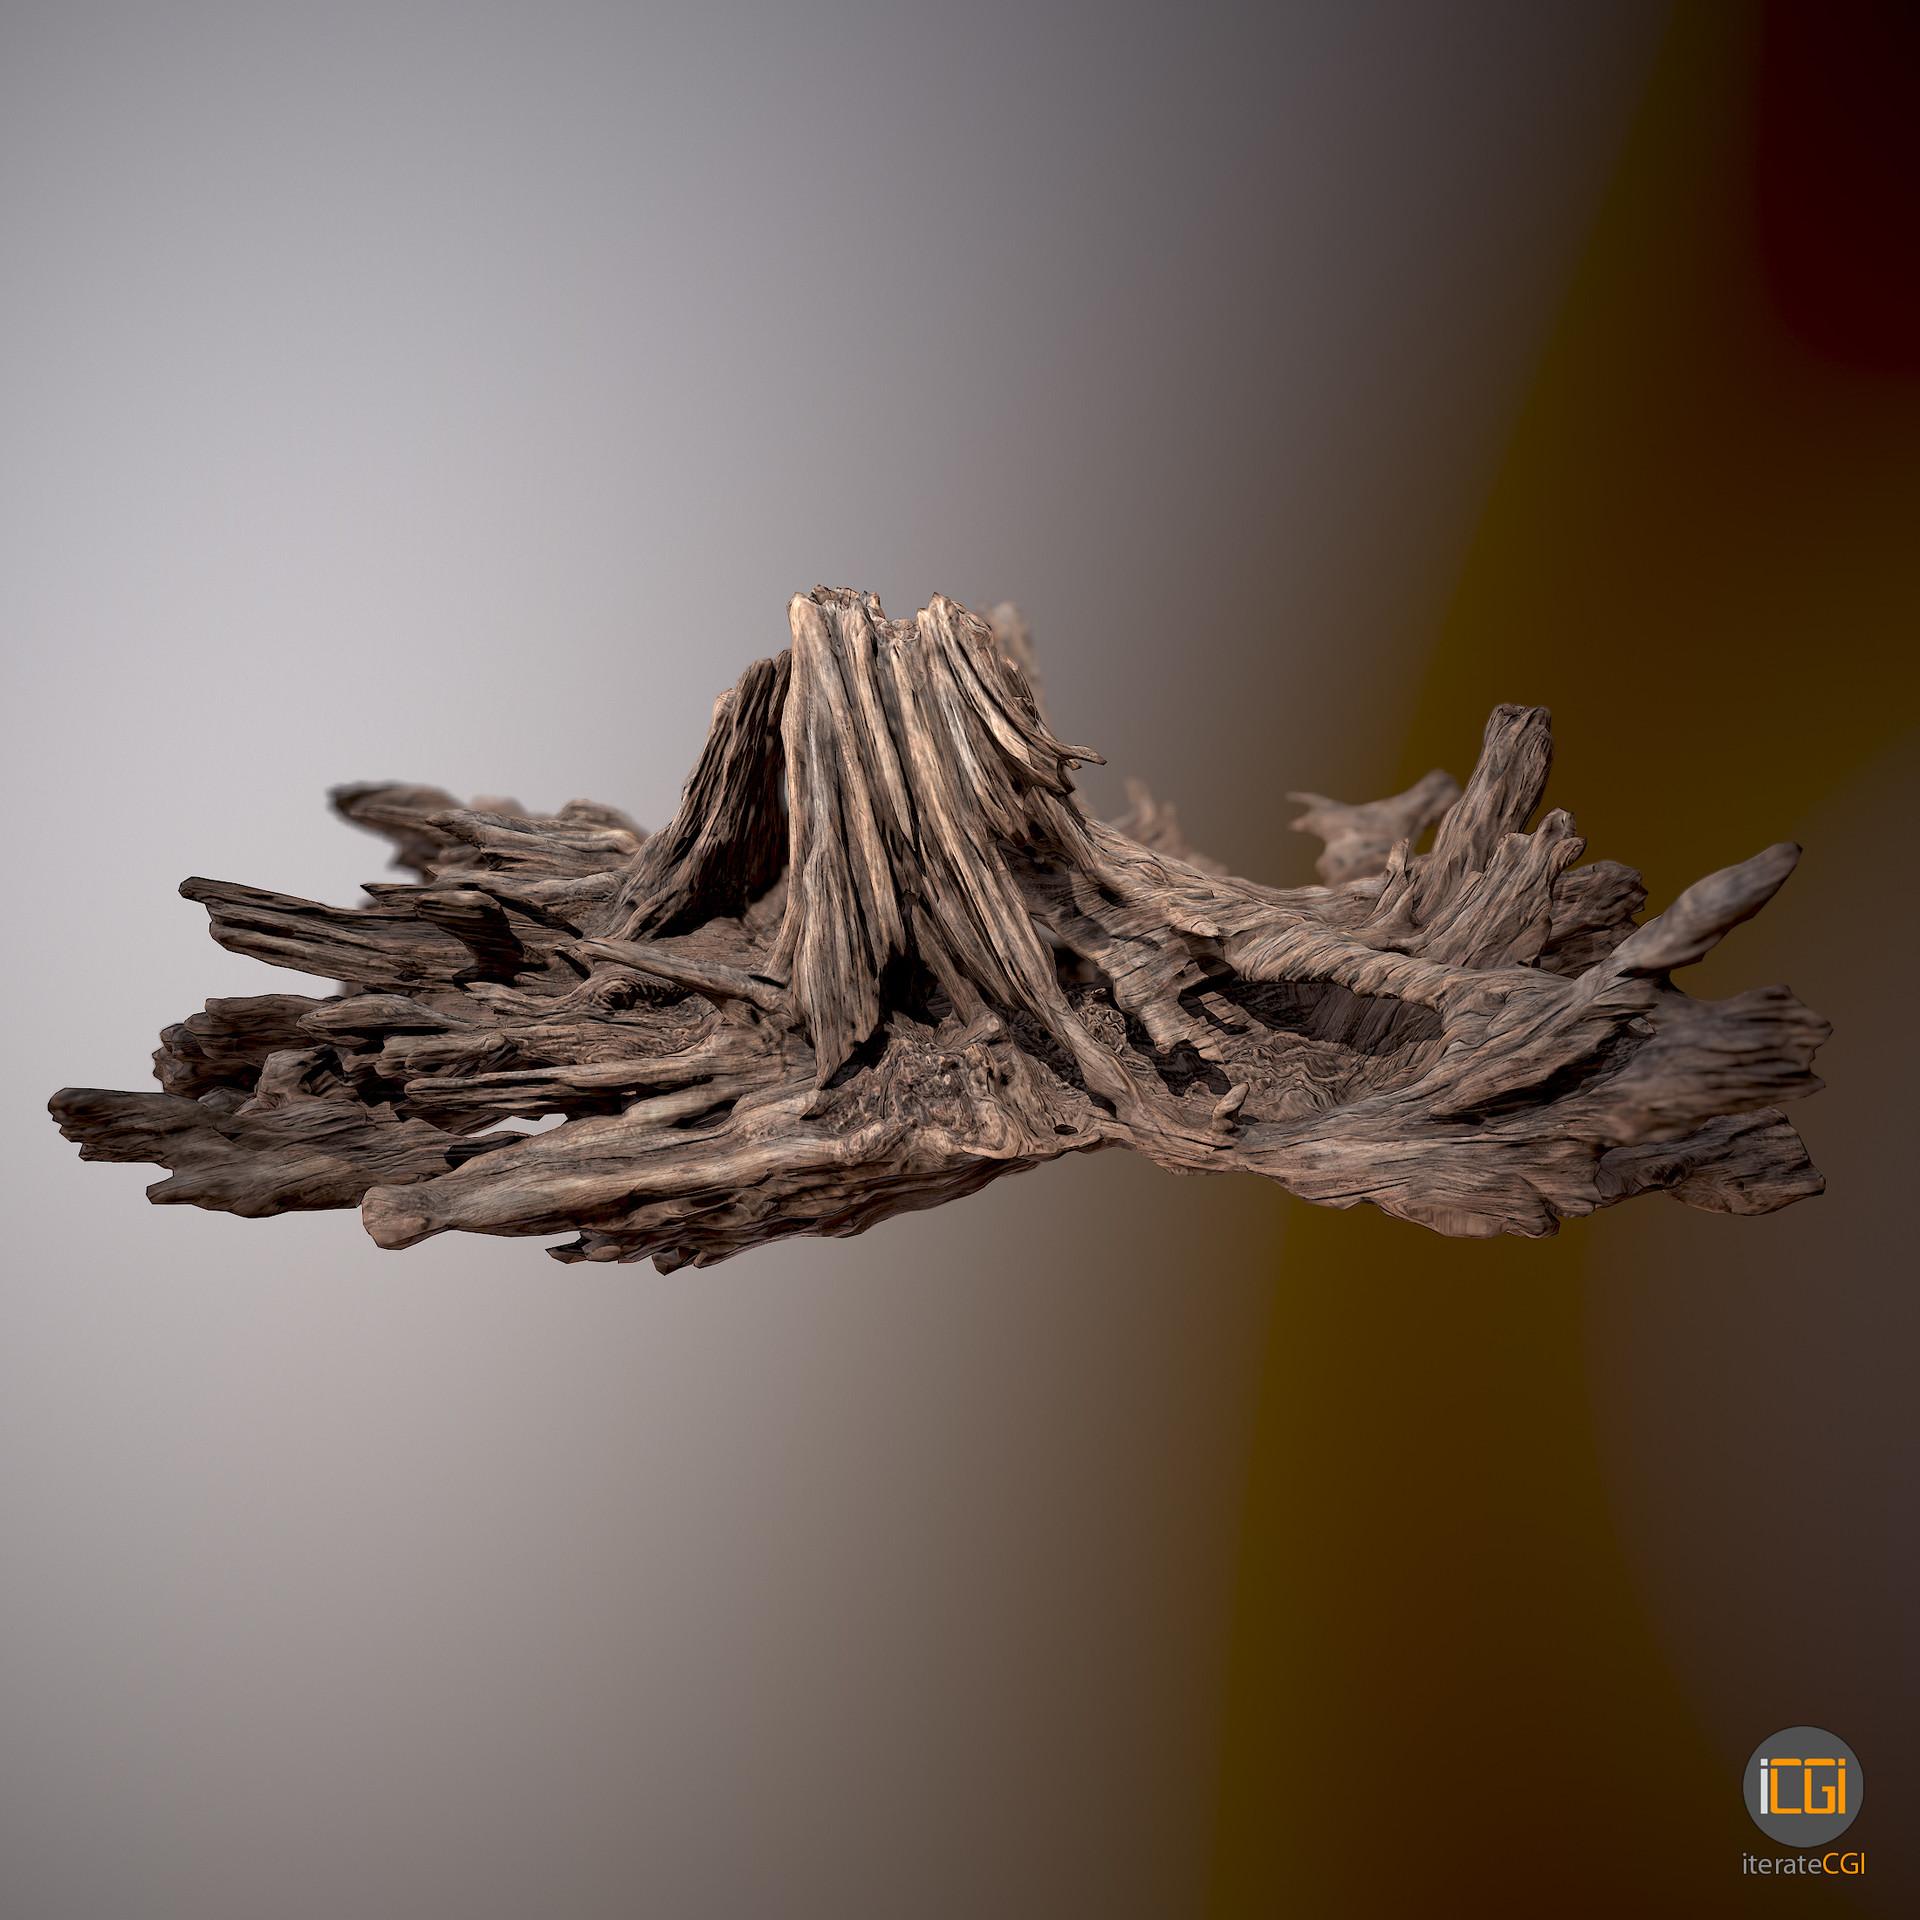 Johan de leenheer driftwood piece cft1 2